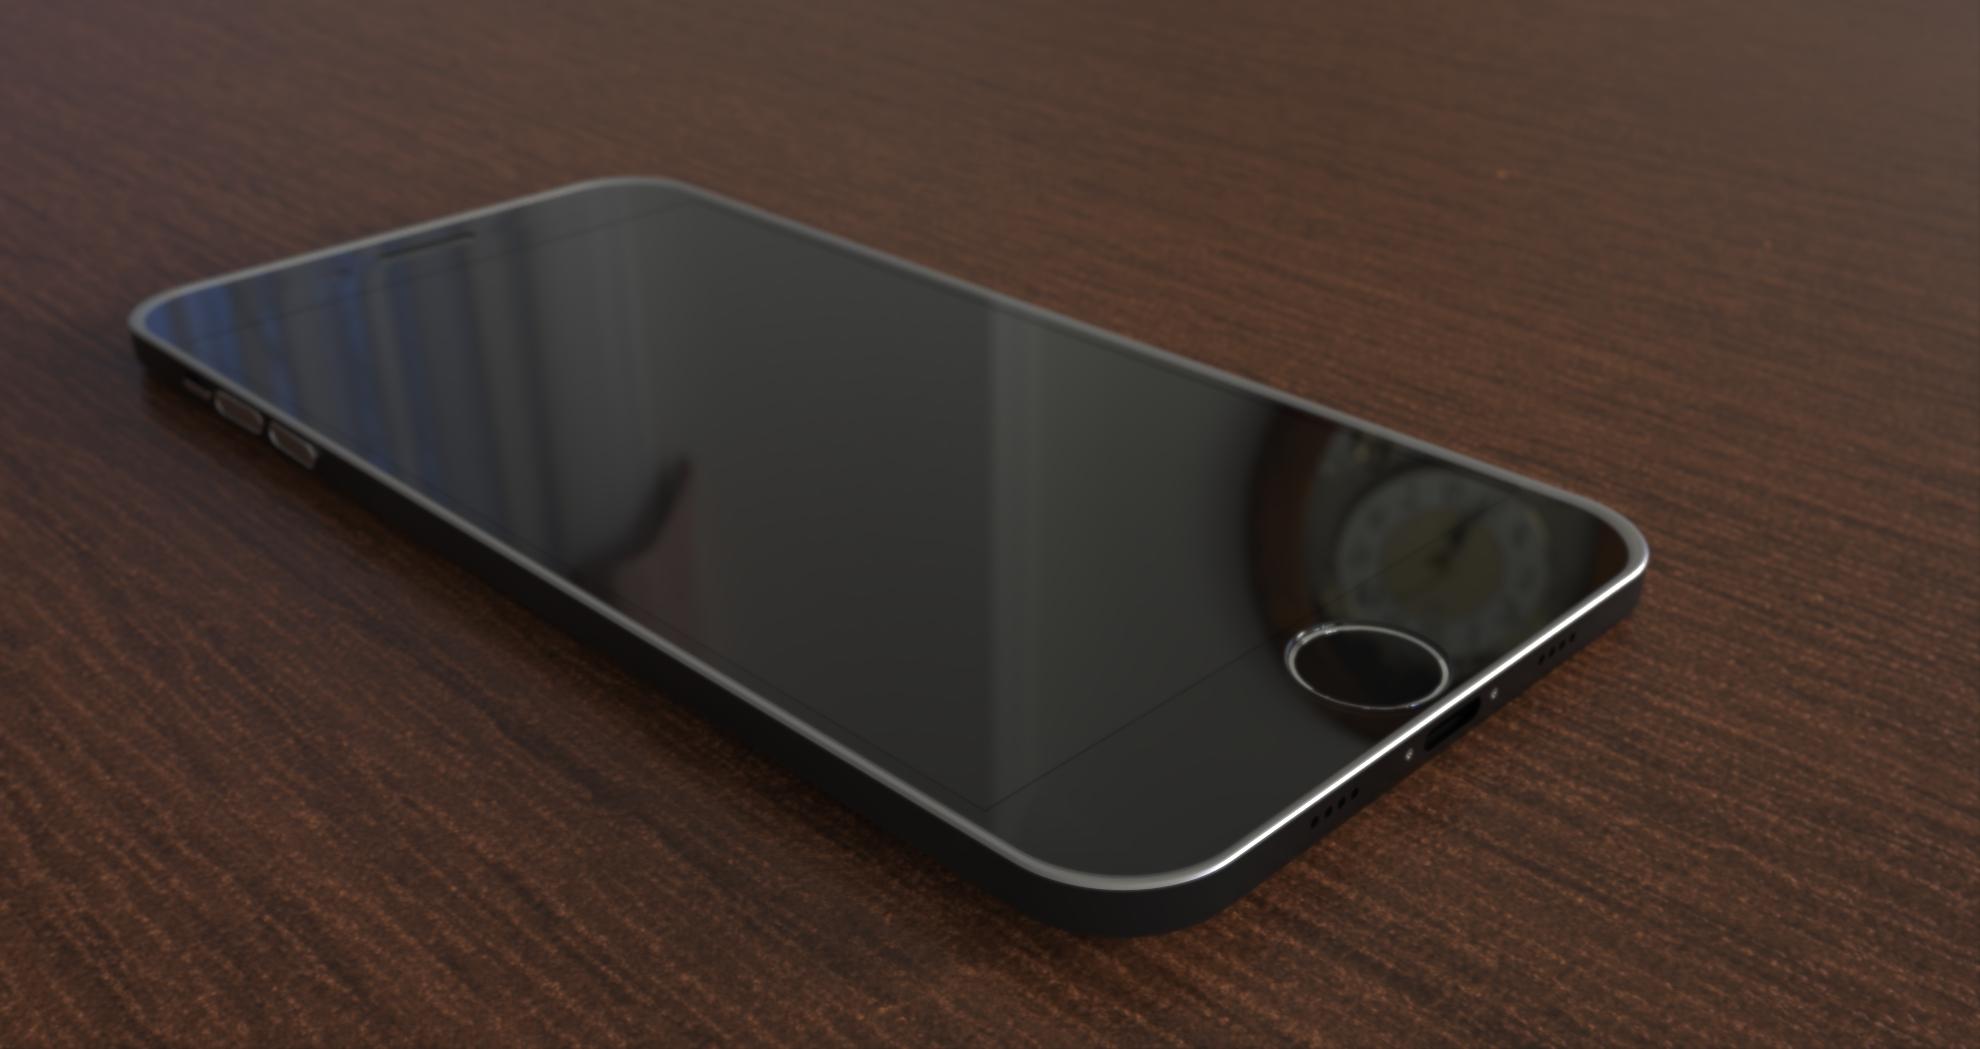 Apple-iPhone-6s-concept-render